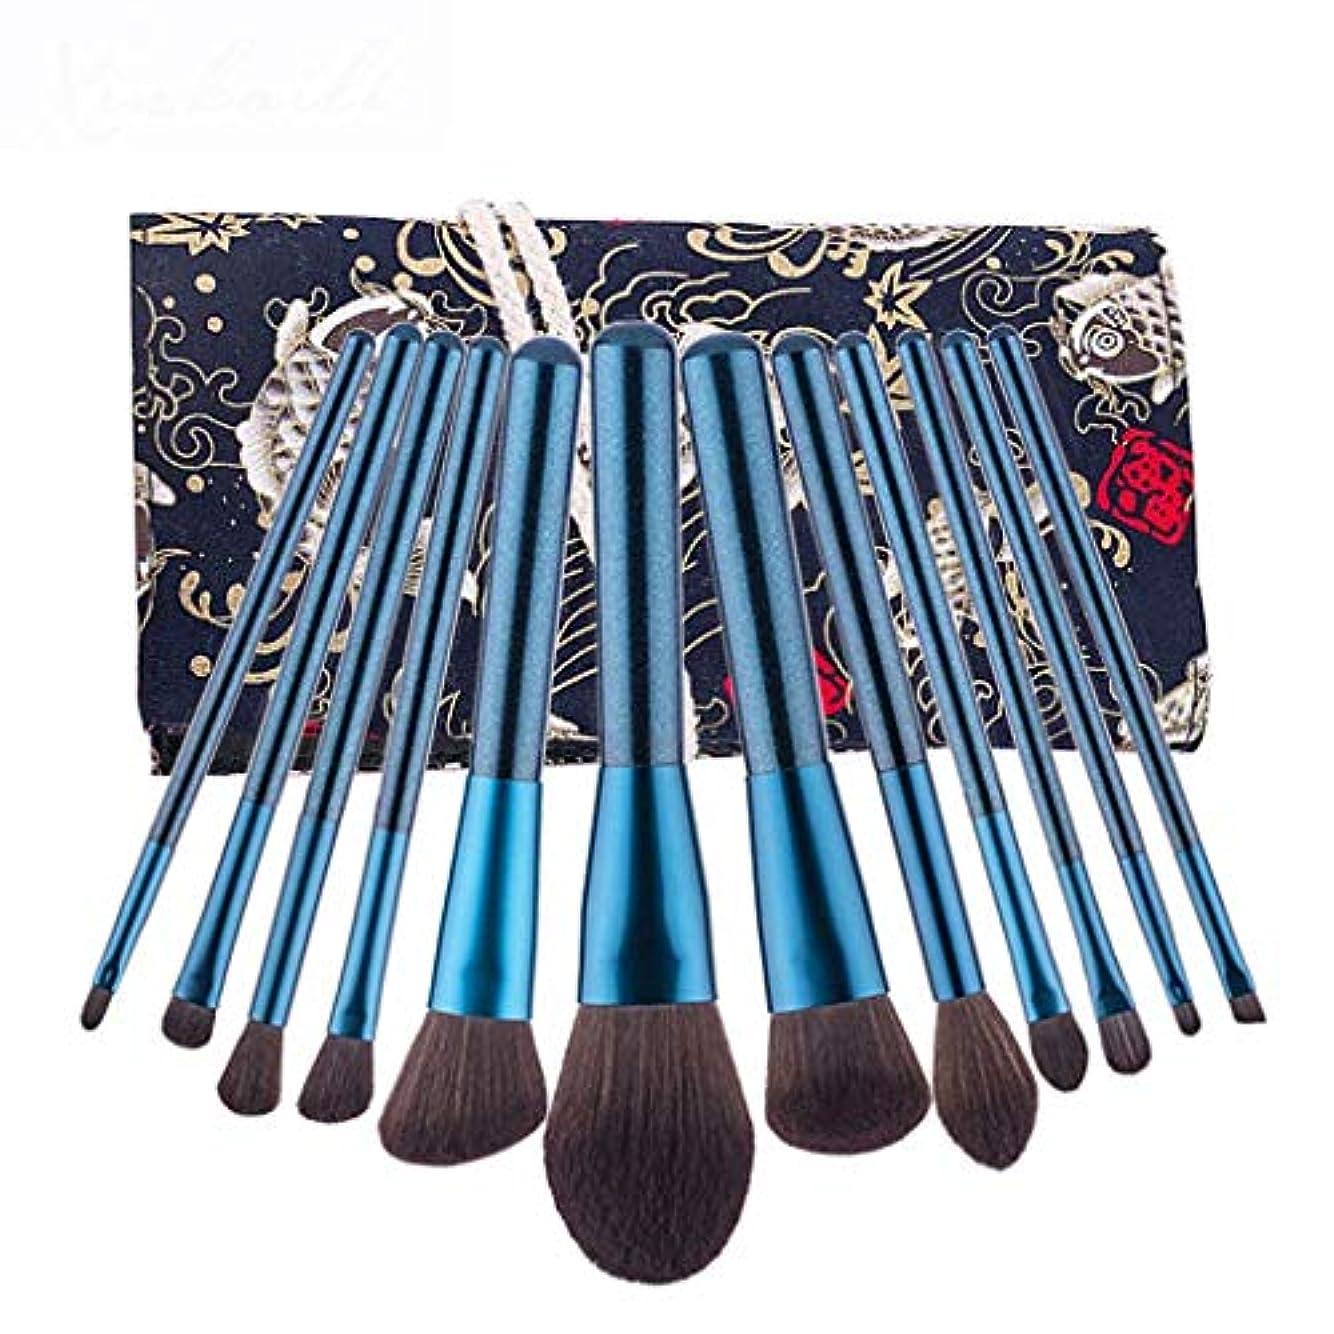 空いている適性北米12化粧筆初心者化粧筆セットシアン